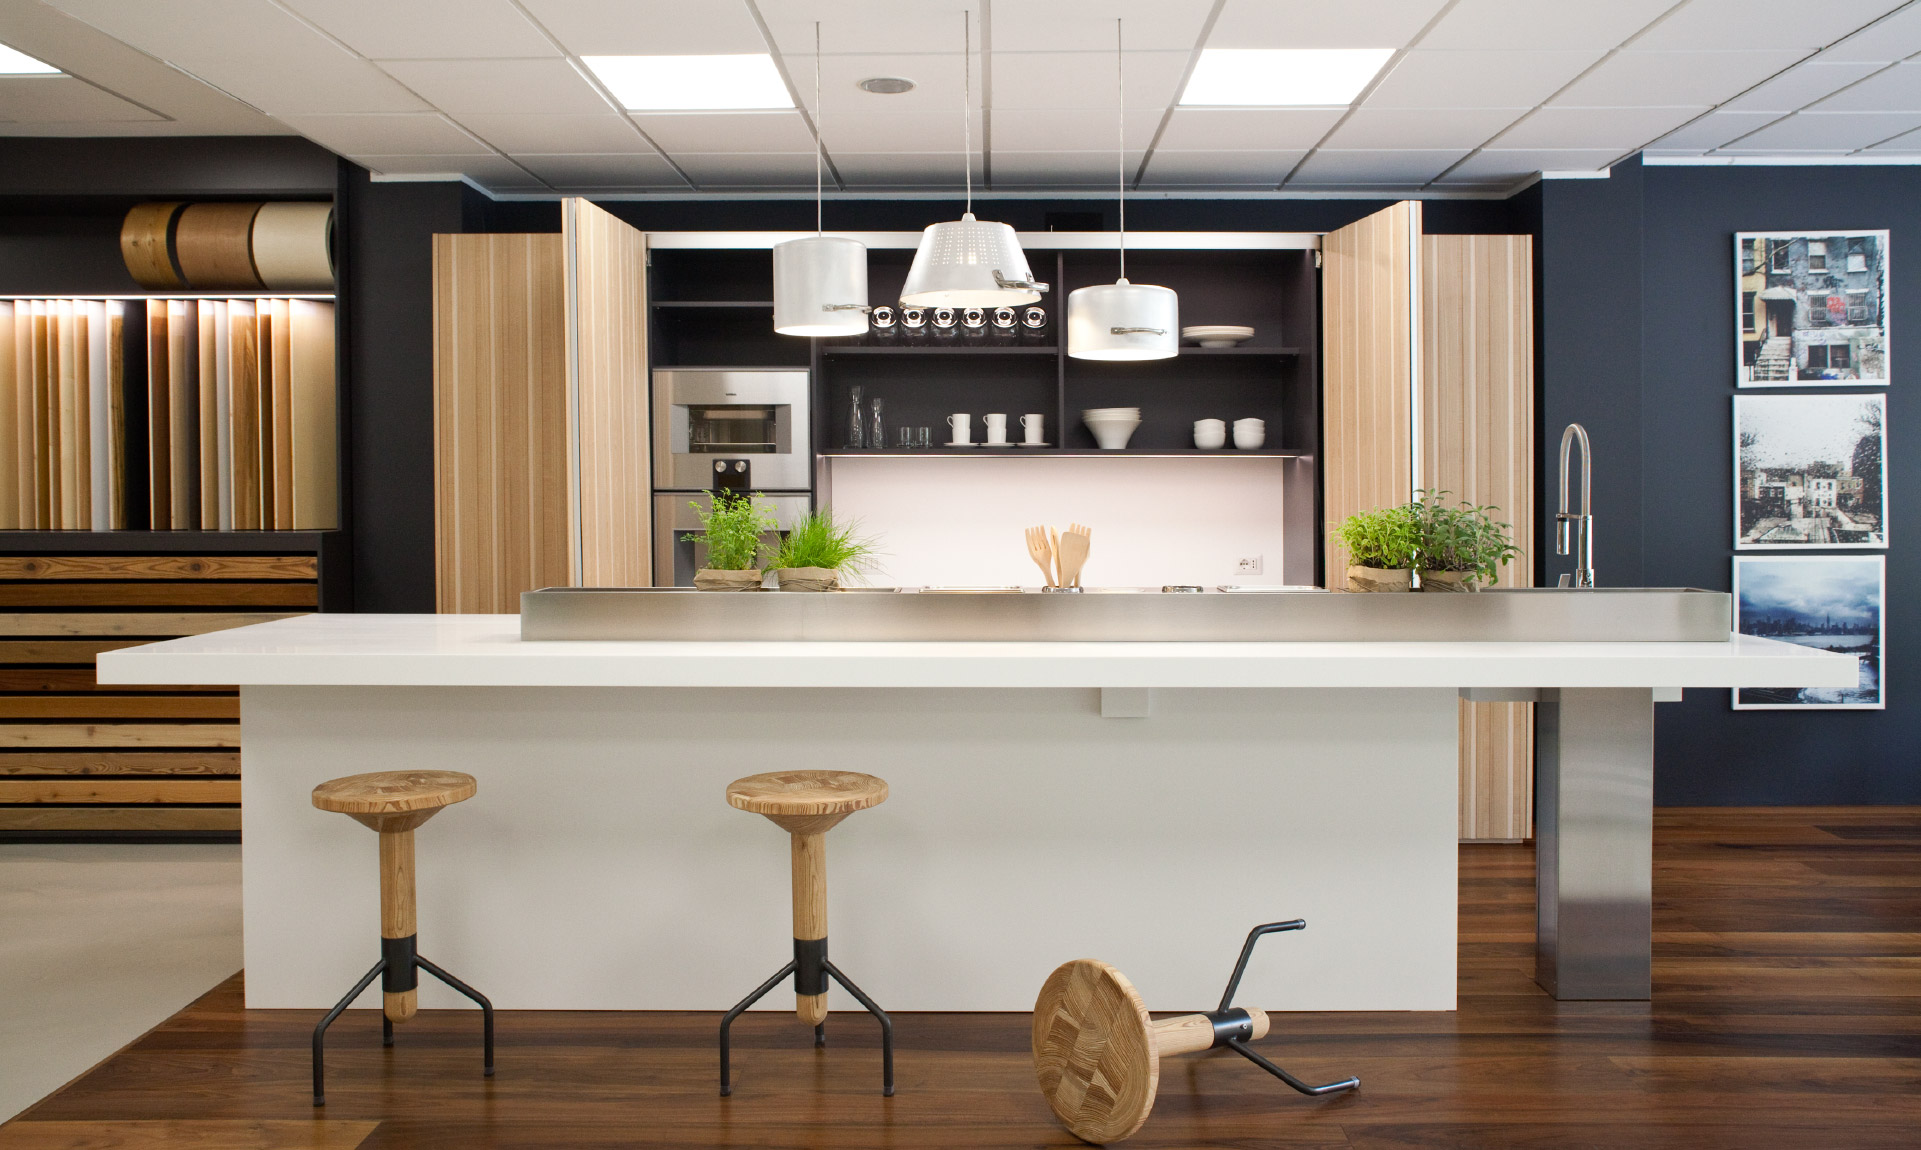 Cucina con penisola, mobili e pavimento in legno e acciaio Corazzolla Arredamenti